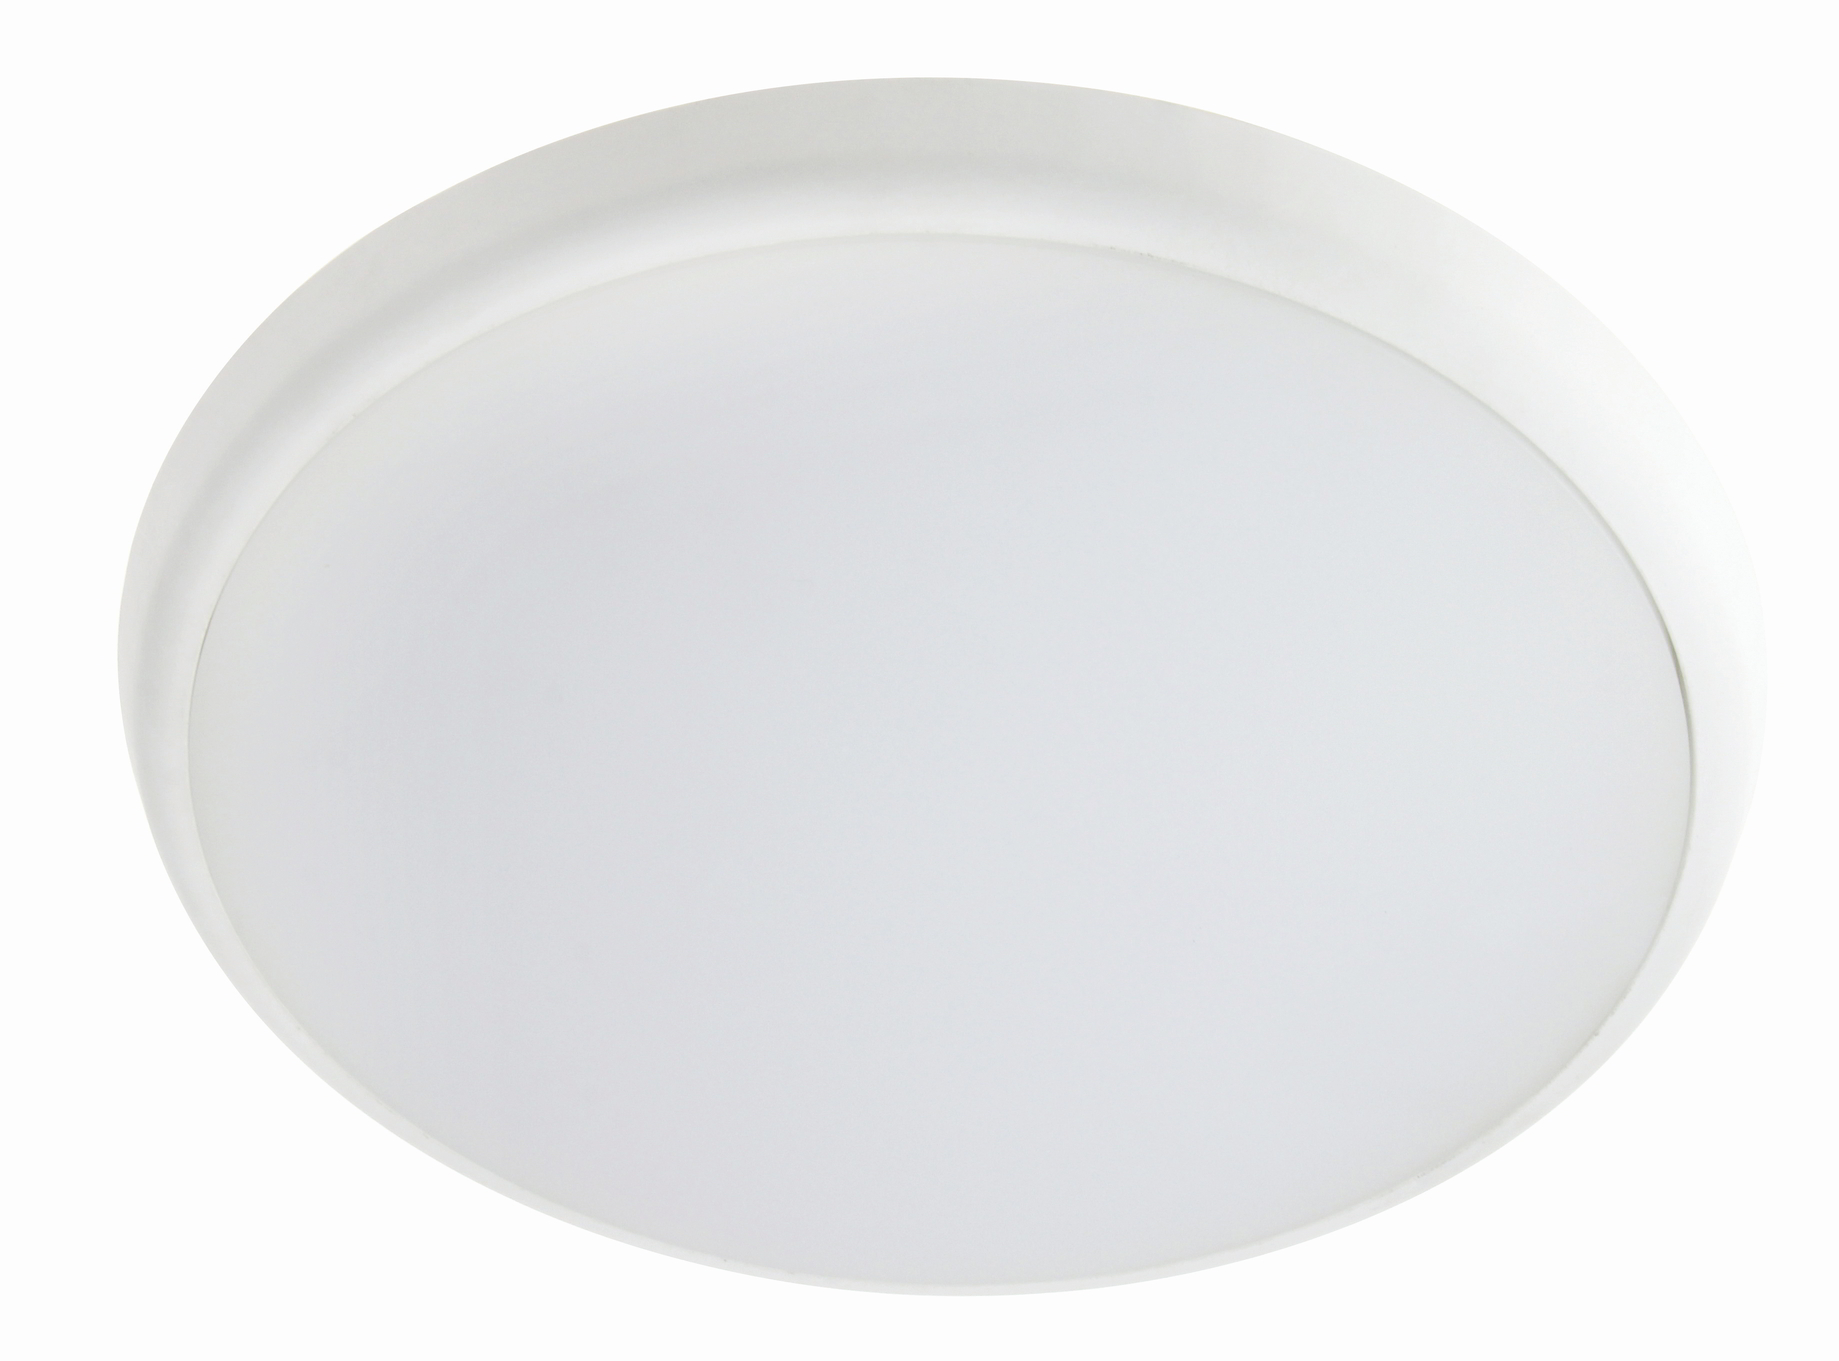 Runde LED Wand- / Deckenleuchte IP54 – dimmbar